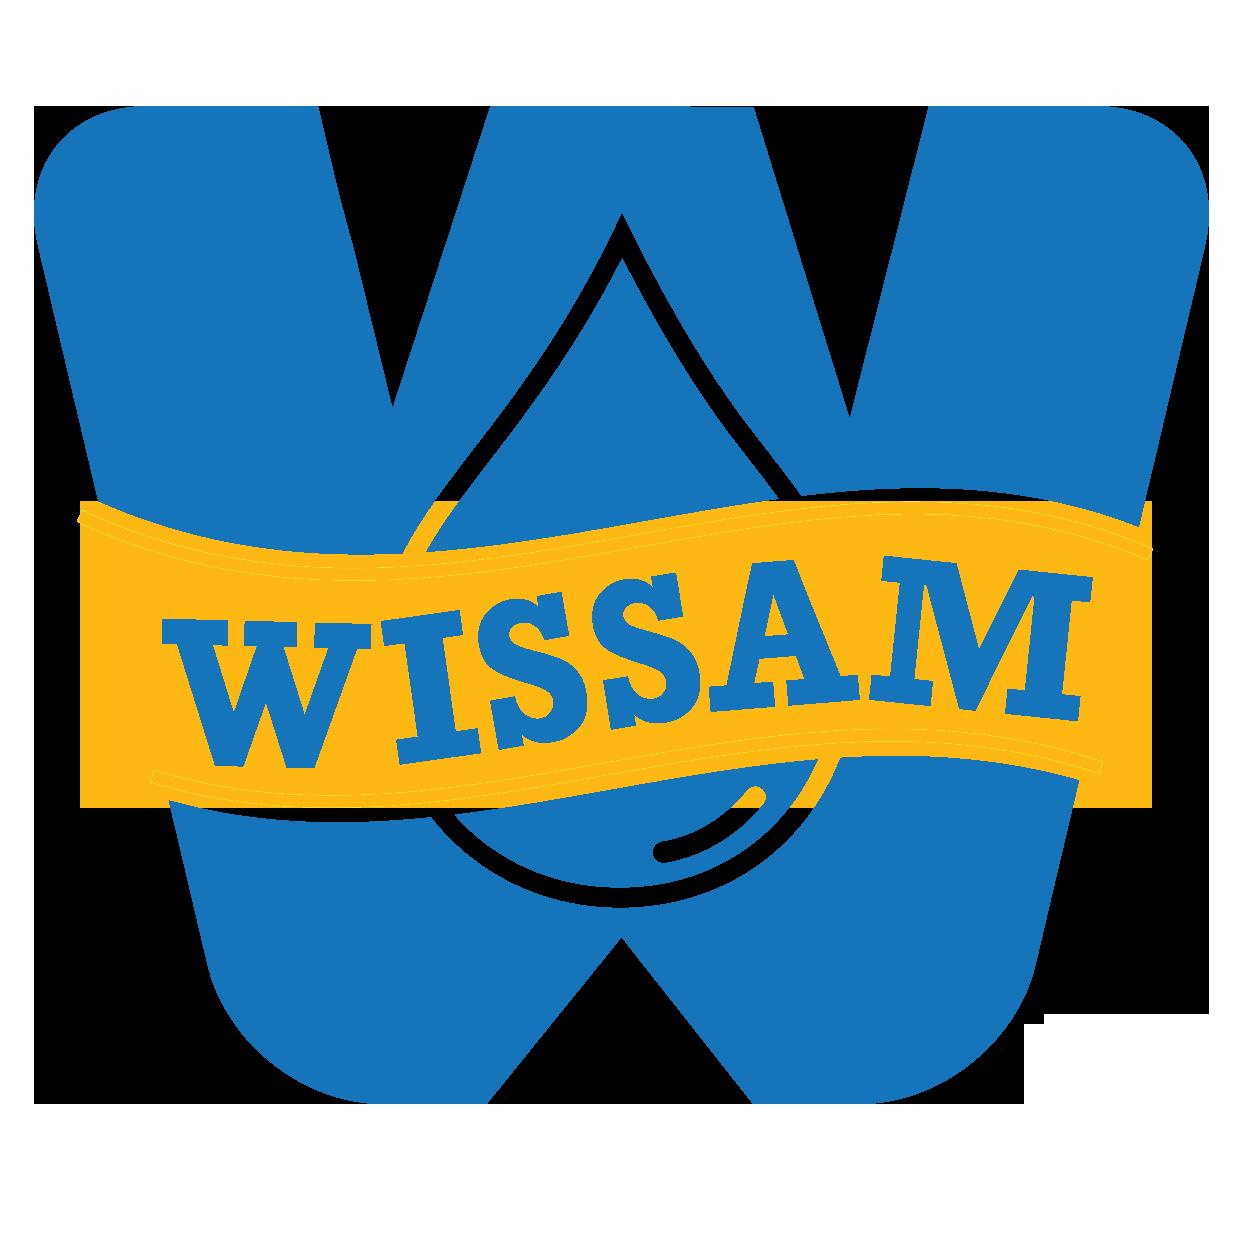 EL WISSAM